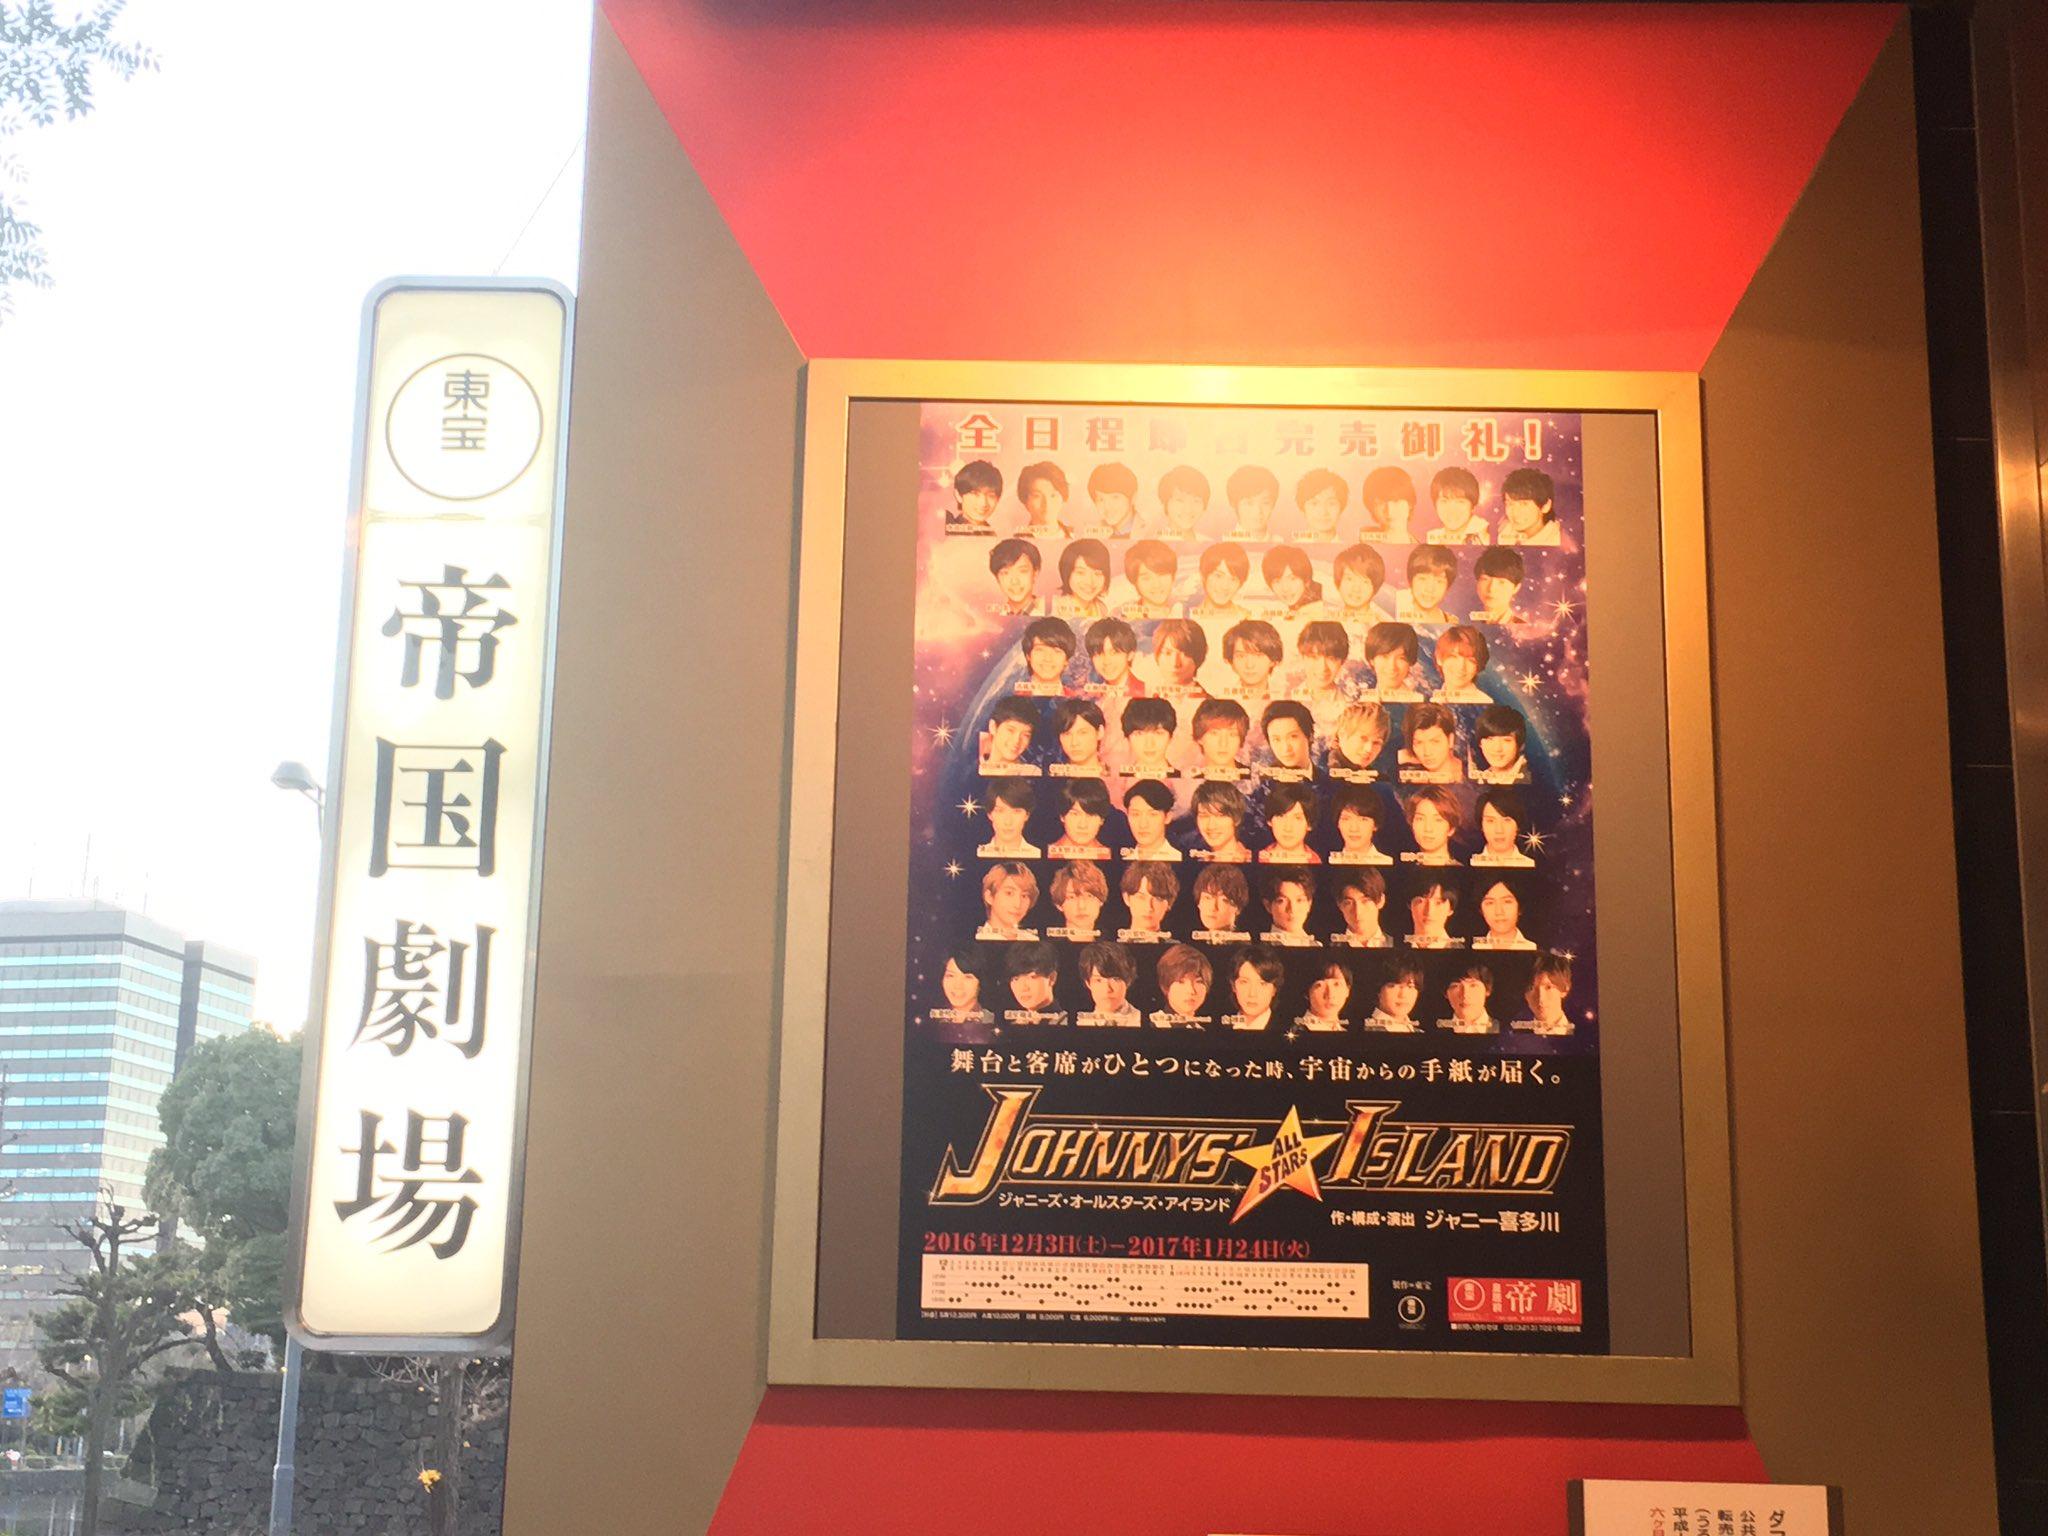 【ジャニアイ】関ジャニの渋谷すばる・横山裕・大倉忠義が元関ジャニの内博貴をいじるwwwwww